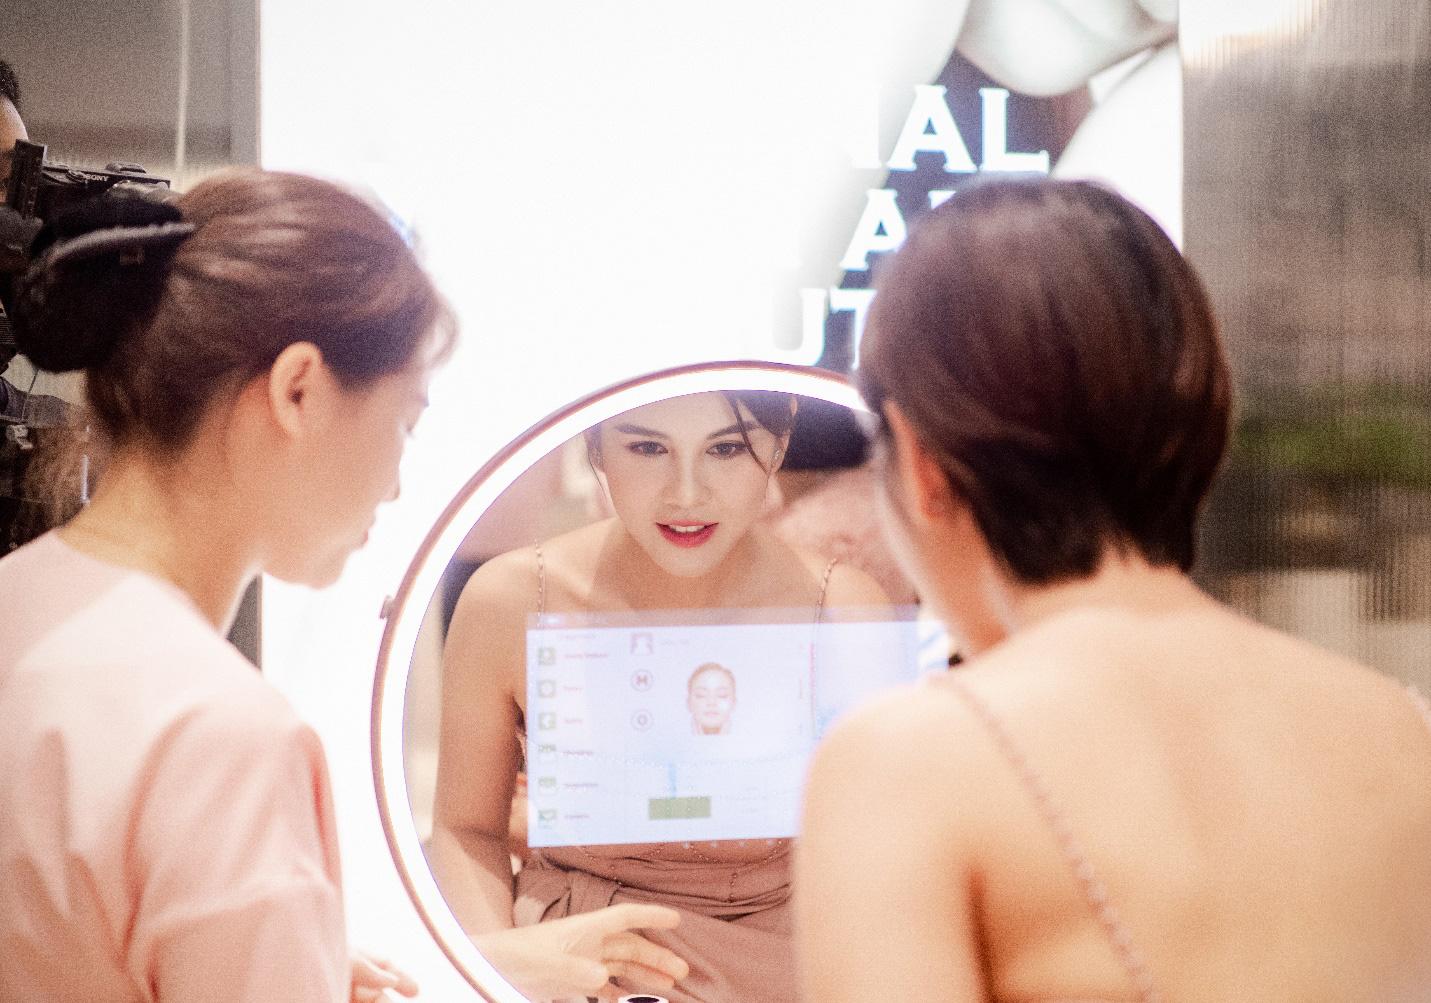 Vỡ trận trên con phố Bà Triệu trong Tuần lễ nhận quà tặng miễn phí của Chuỗi Trung tâm chăm sóc da và sức khỏe H&H - Ảnh 4.